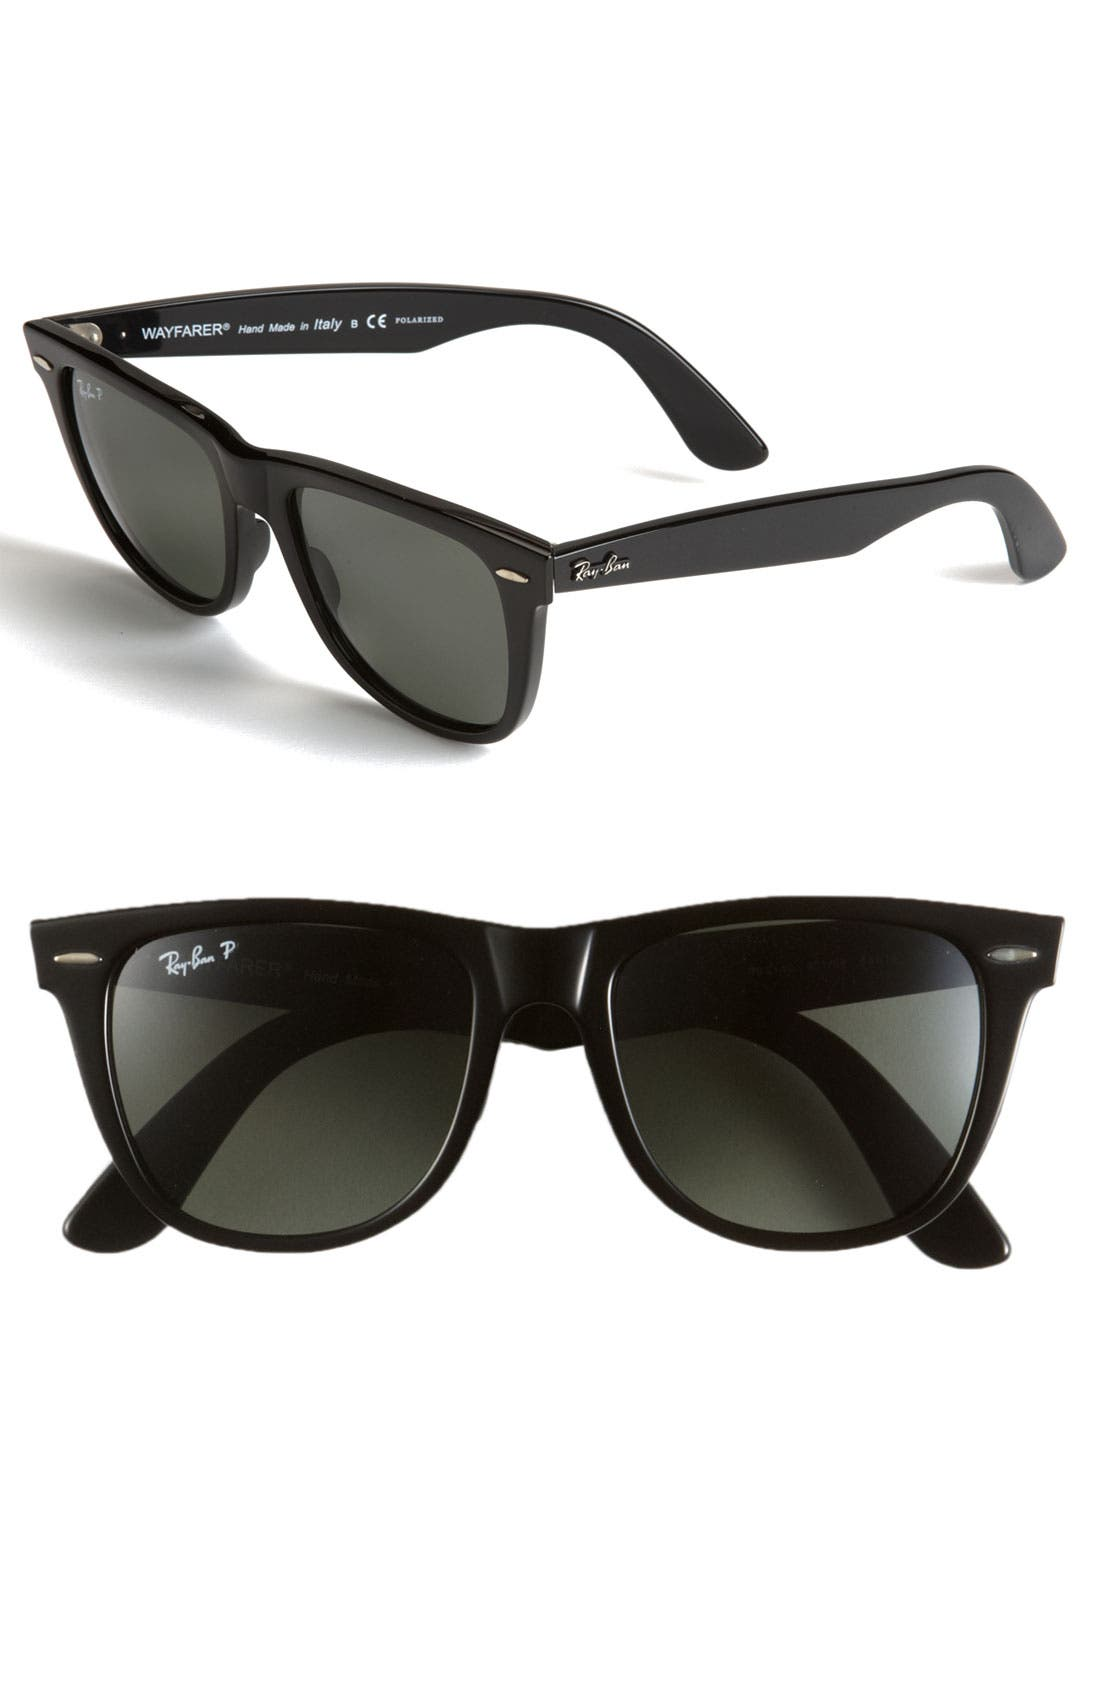 16410cfa2f Polarized Sunglasses for Women